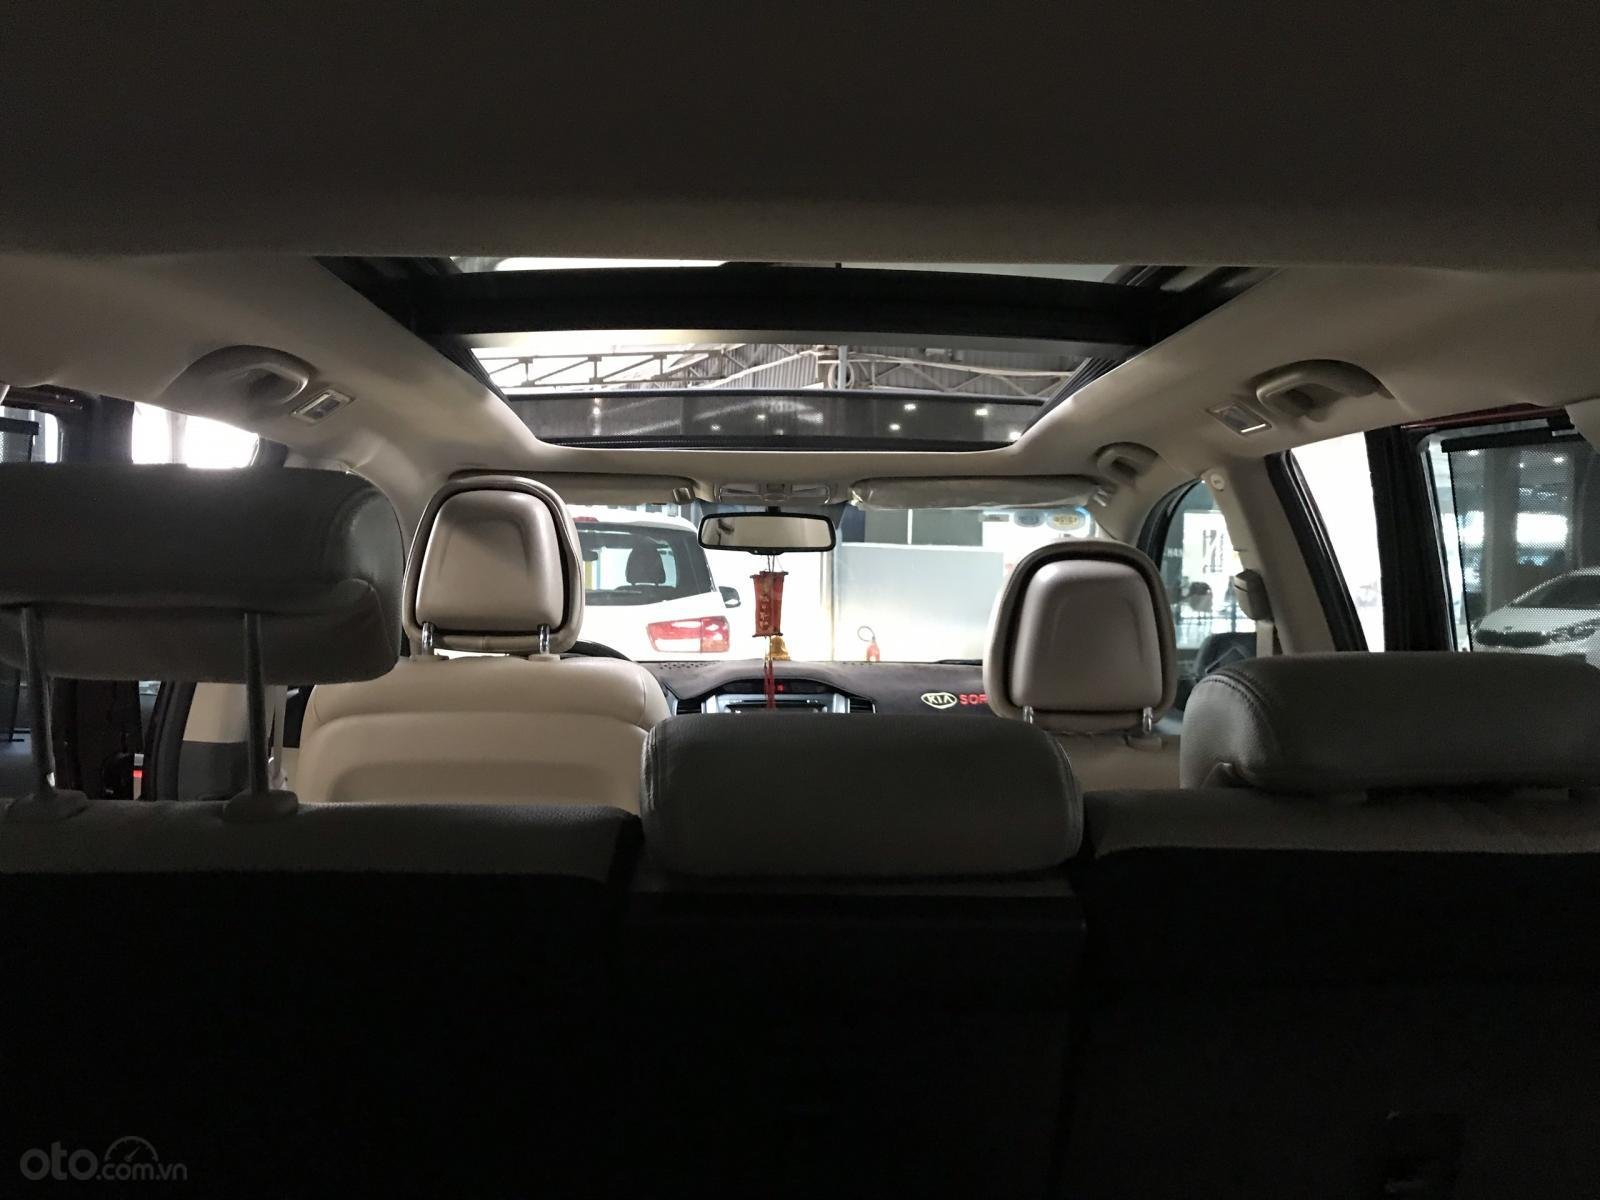 Bán Kia New Sorento GATH 2.4AT màu đỏ mận số tự động sản xuất 2017 xe đẹp (6)